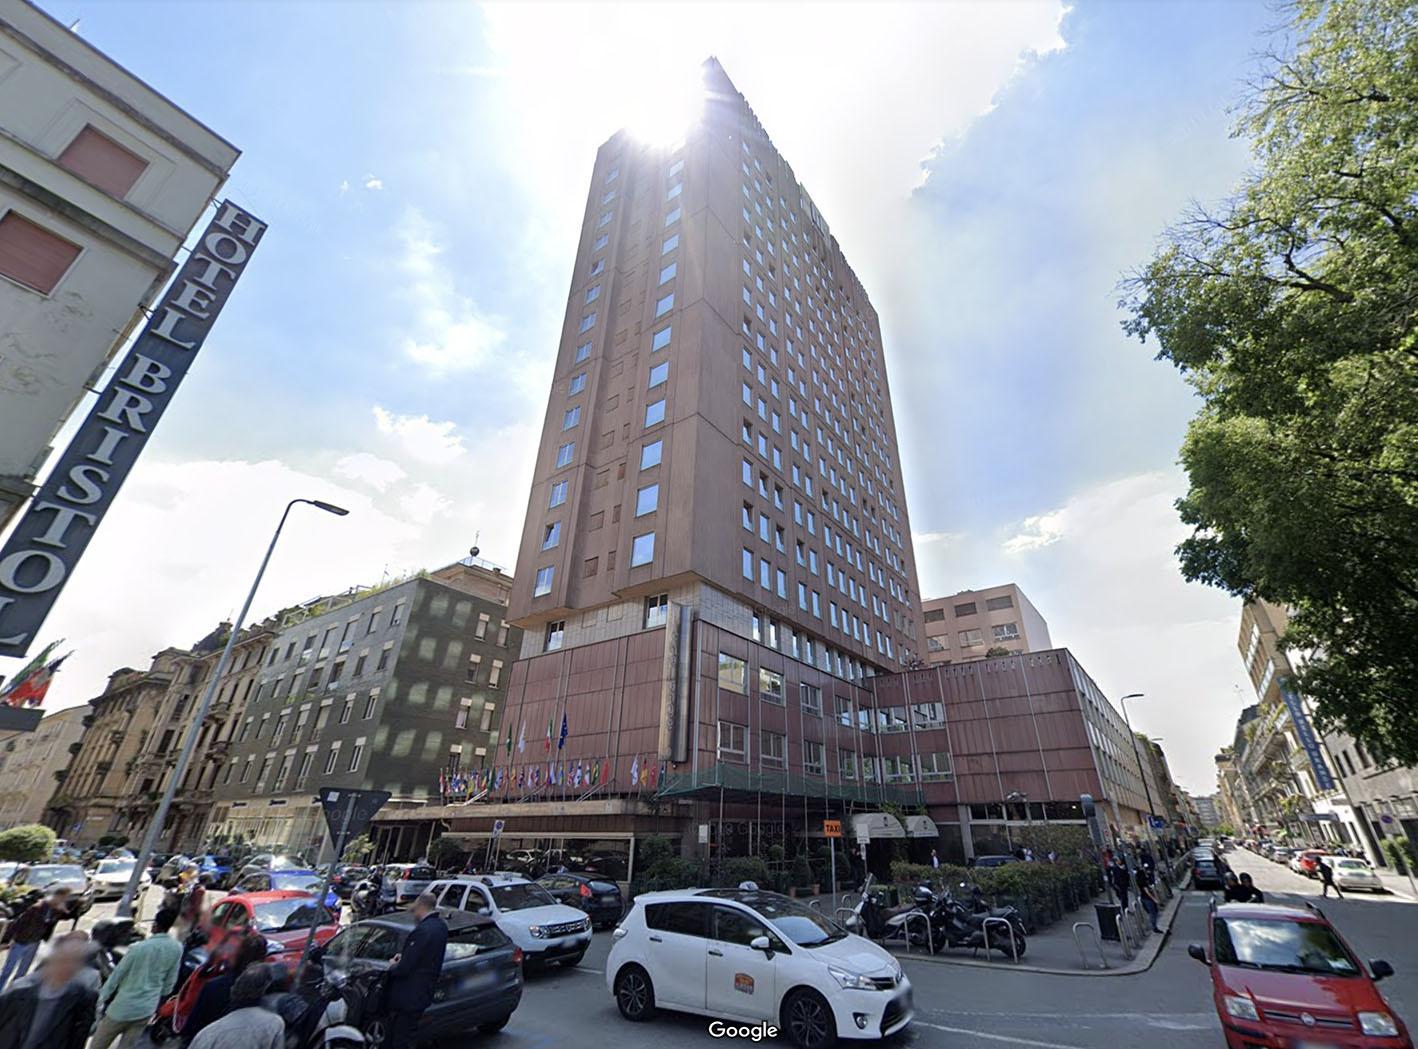 Municipio 2 - l'hotel a servizio per l'emergenza coronavirus